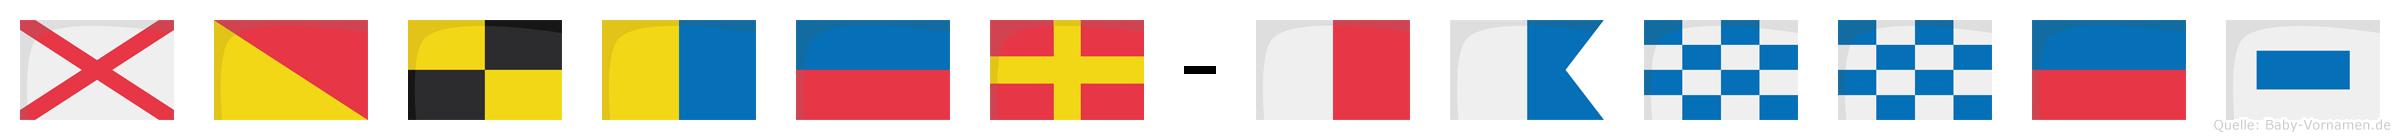 Volker-Hannes im Flaggenalphabet